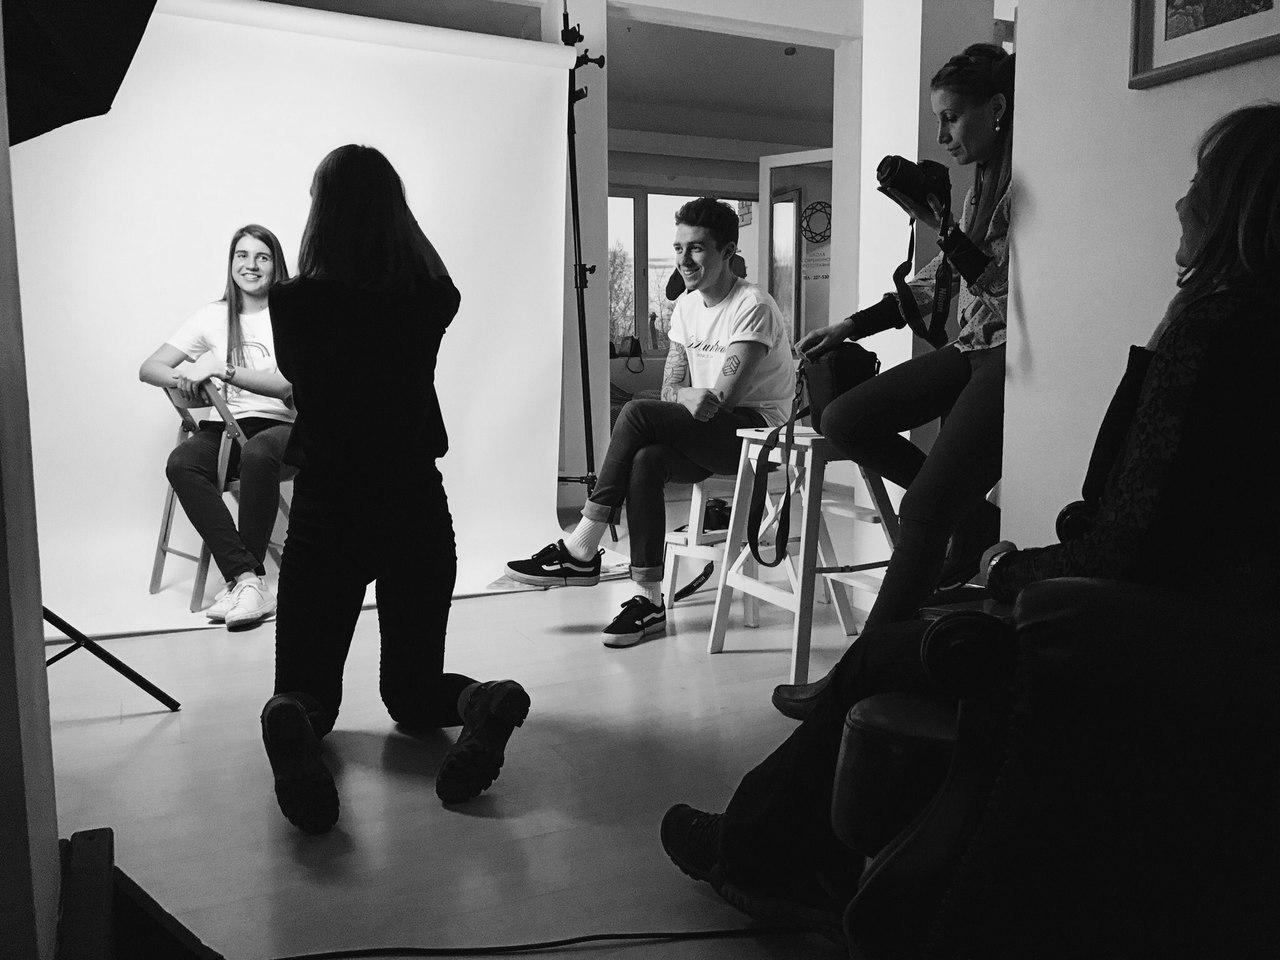 17 мая в 19:00 Ознакомительное занятие в Фотошколе